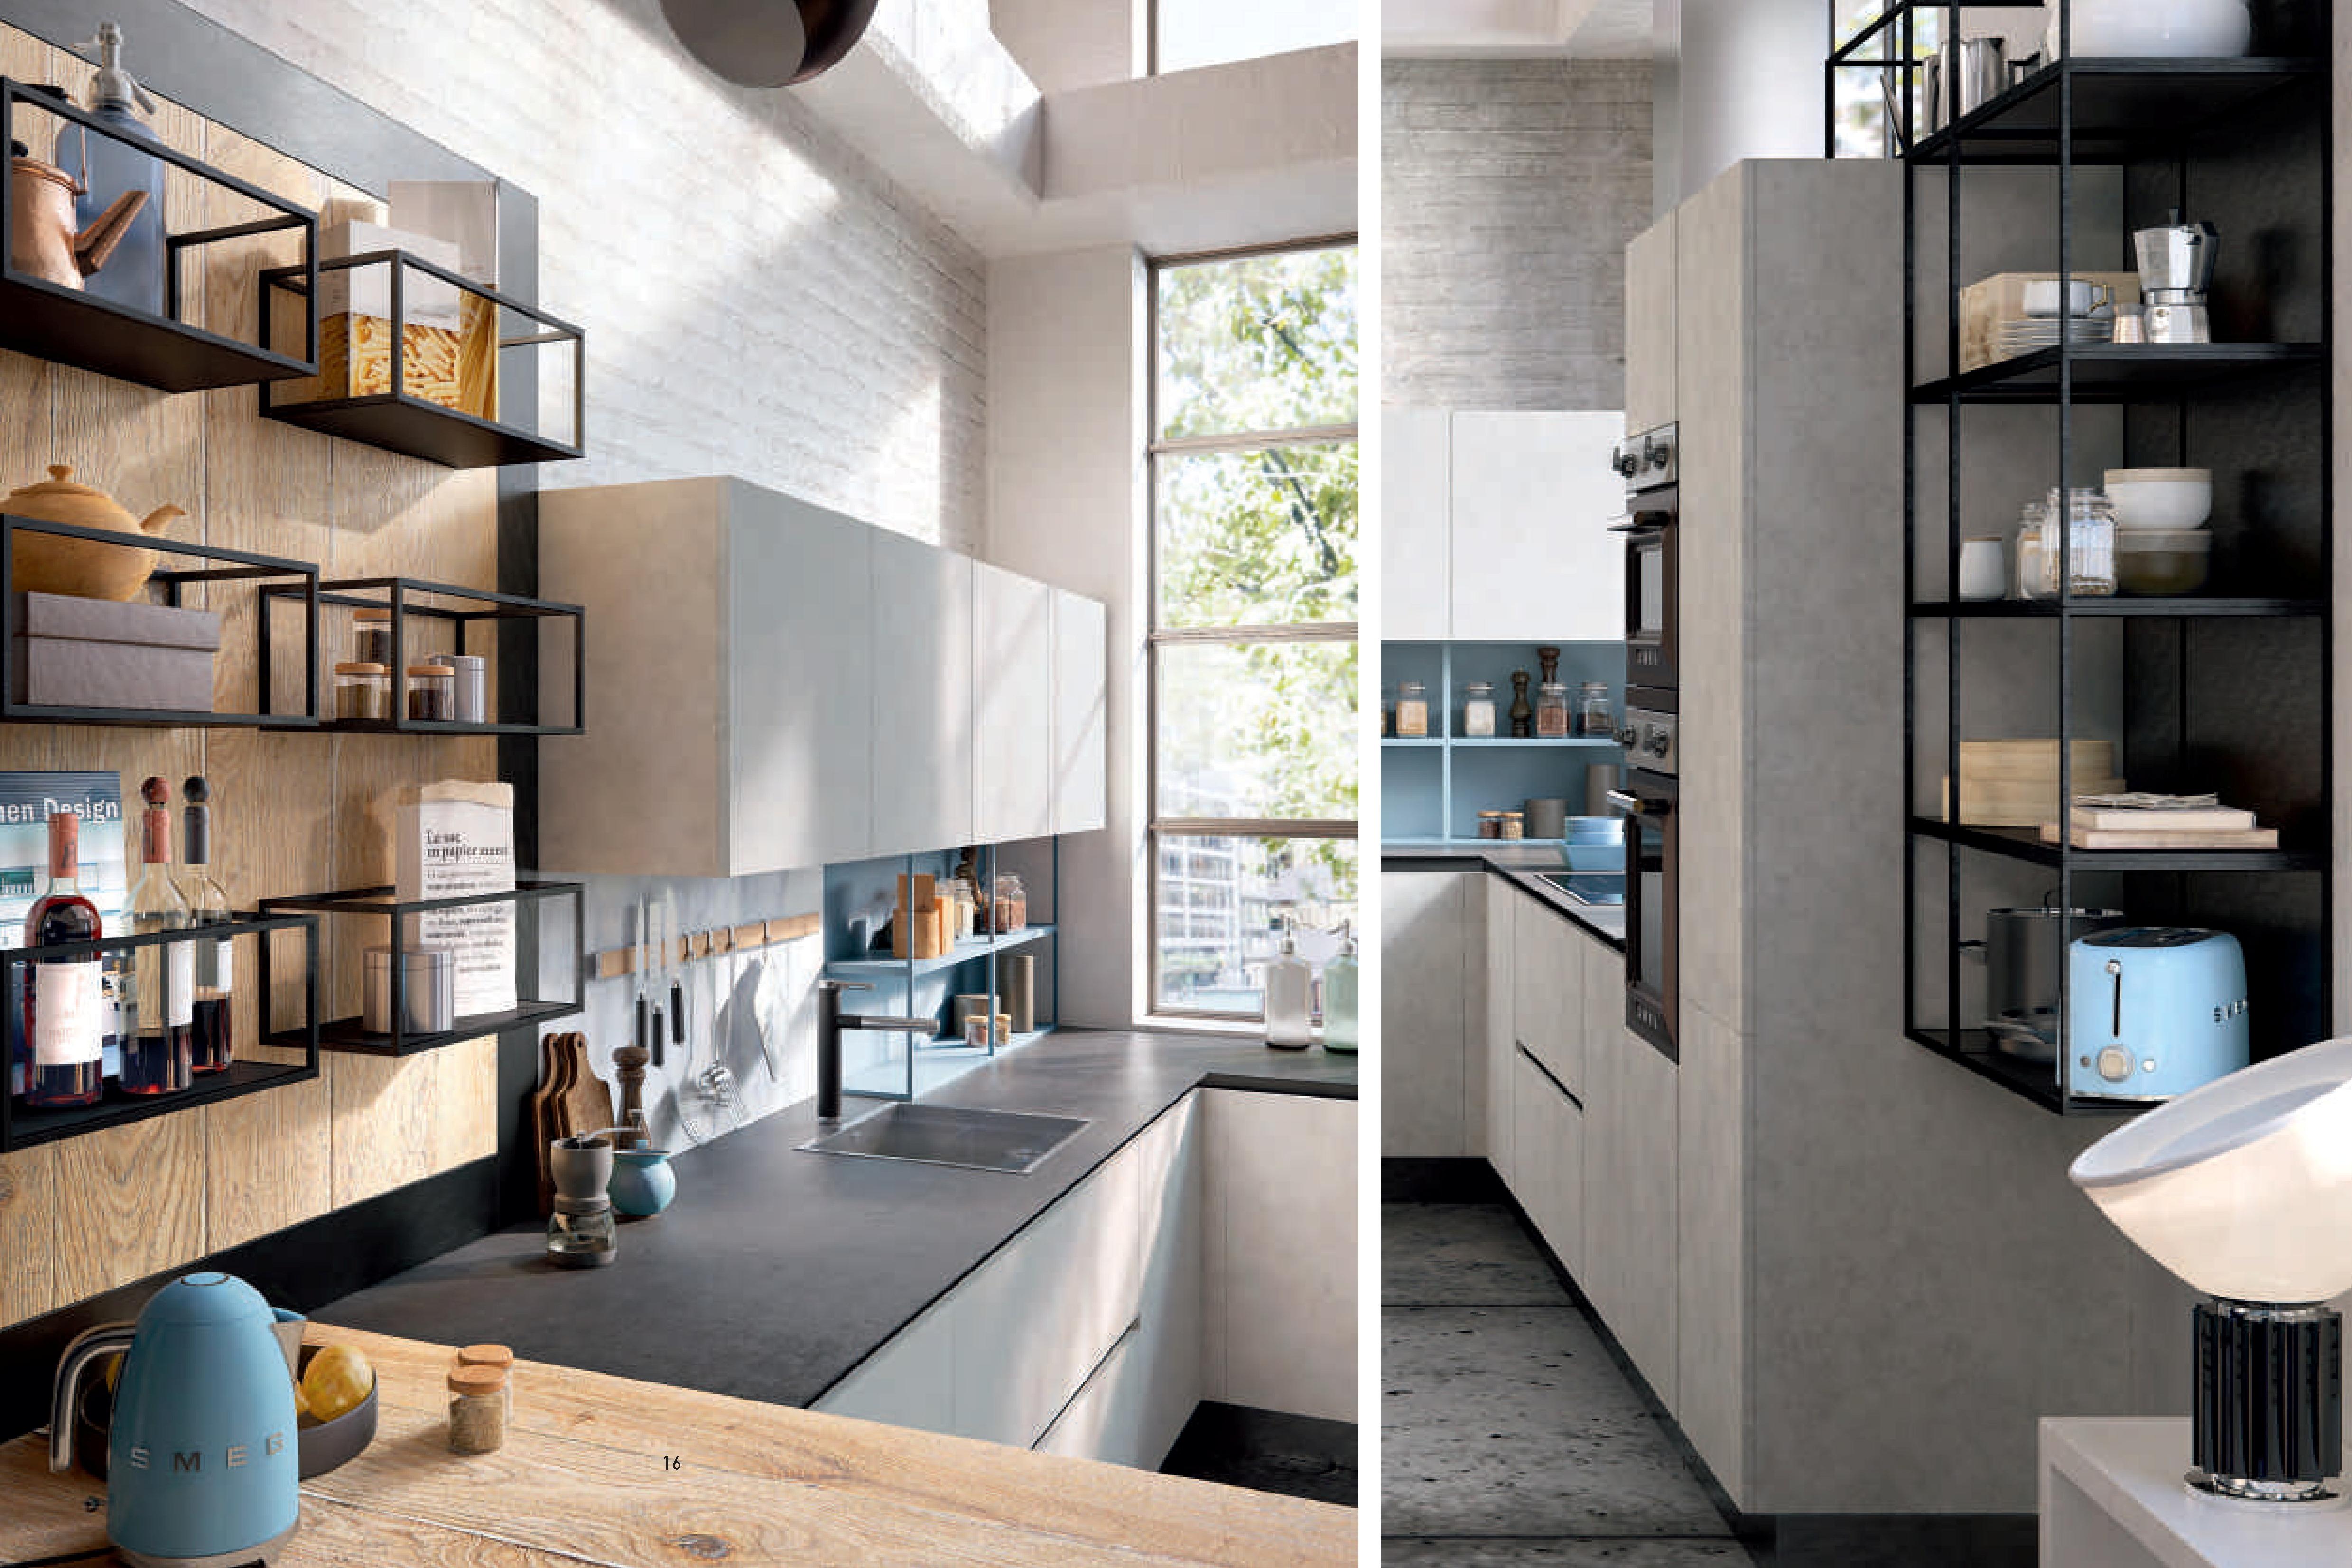 Cucina Su Misura Falegname cucina su misura : affidarsi solo ad un architetto degli